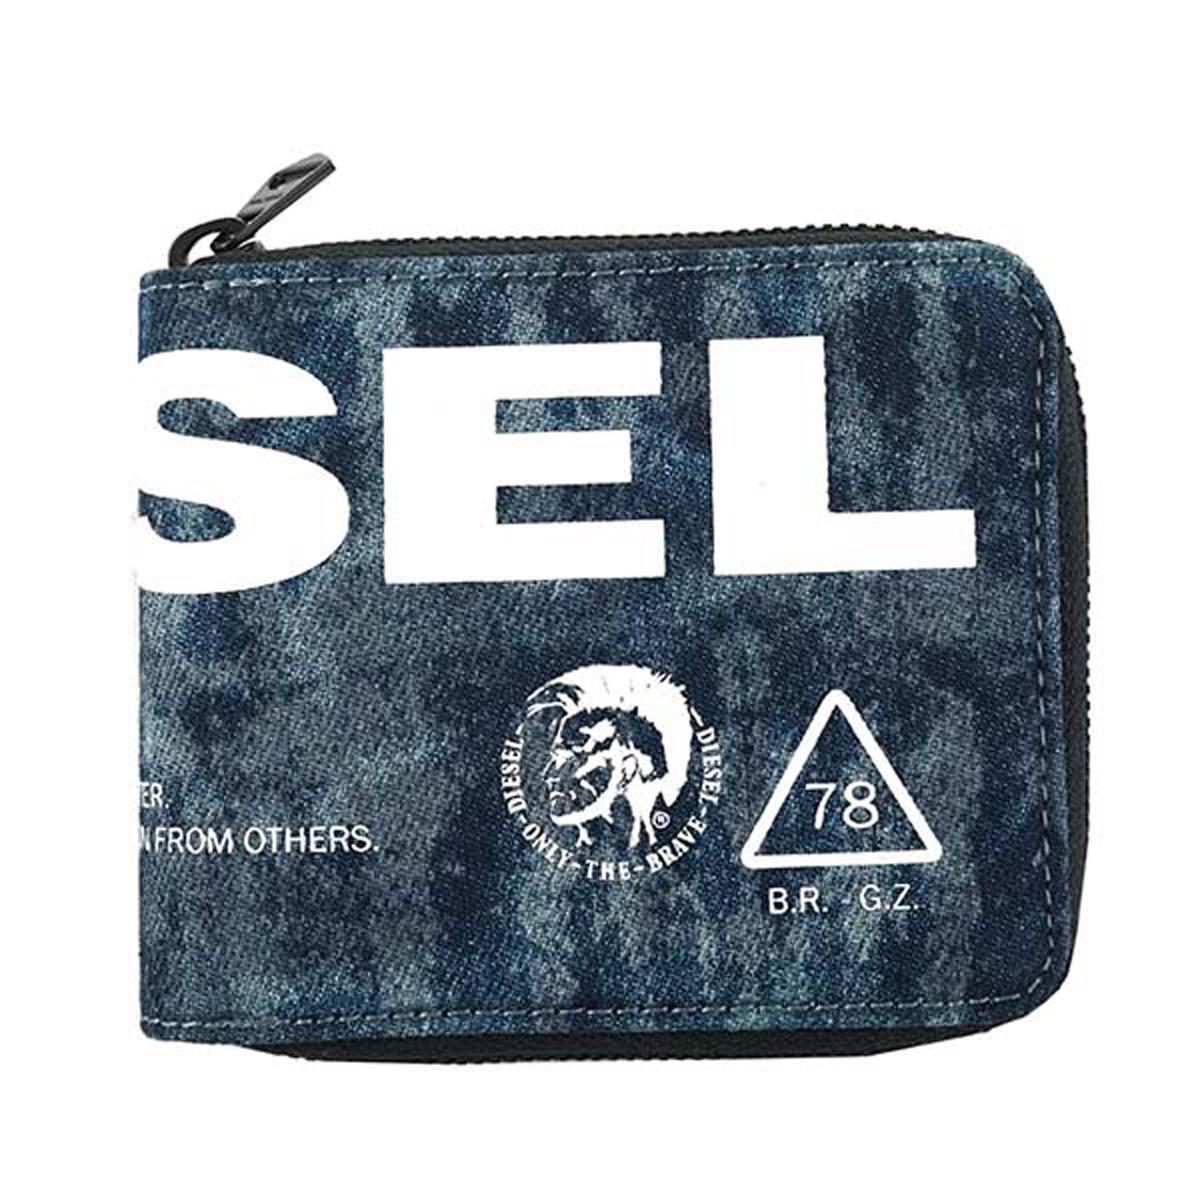 ディーゼル DIESEL 財布 X06004 P2088 T6331 ZIPPY HIRESH S 小銭入れ付き ラウンドファスナー 二つ折り財布 BLUE/WHITE デニムブルー+ホワイト